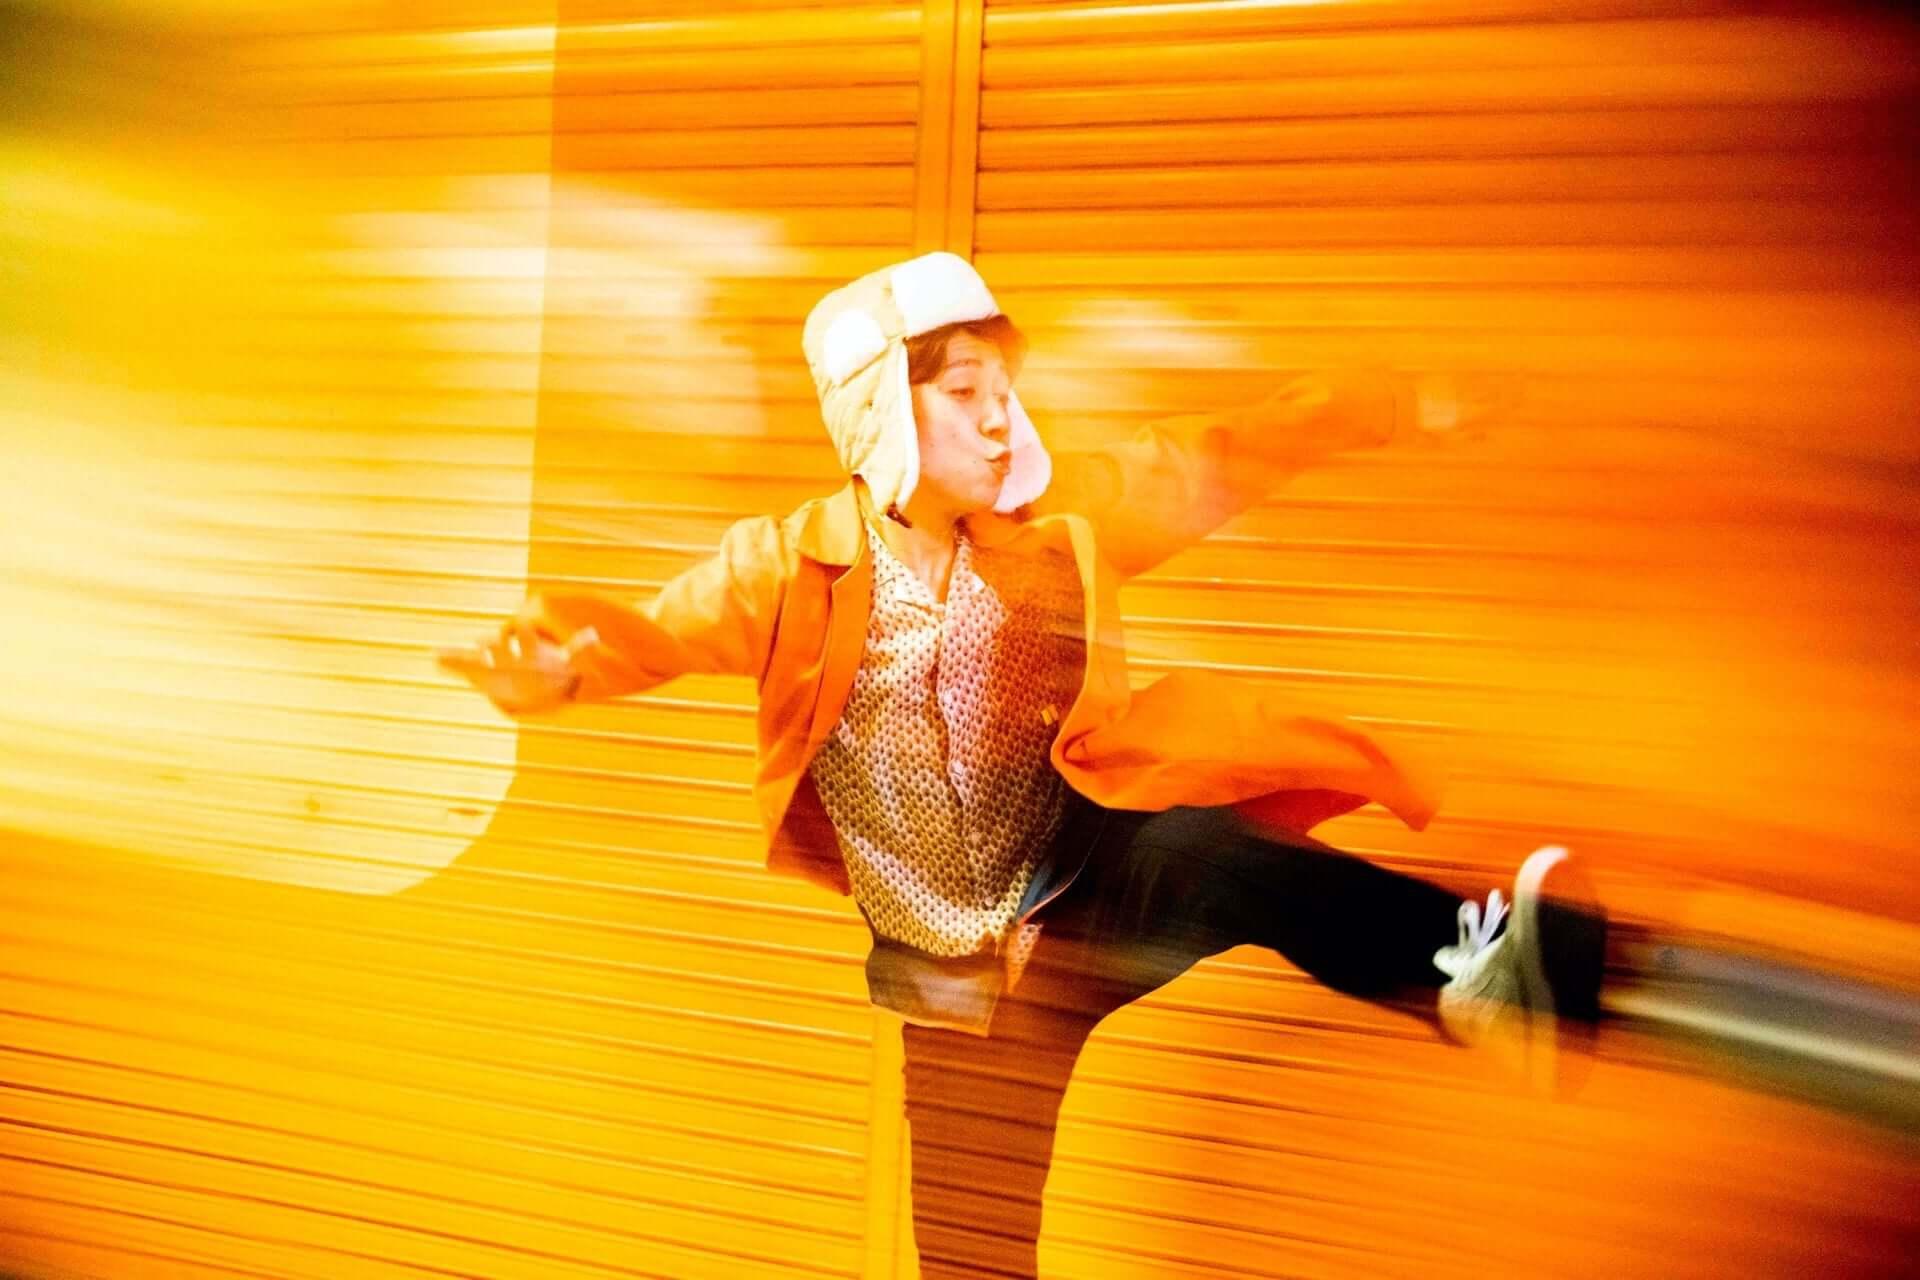 クワハラヨシユキ初の個展<HUMAN POP>が渋谷WOMB・barWで開催決定!xiangyu、Kenmochi Hidefumiら出演の連動ライブも実施 art200806_yoshiyuki-kuwahara_3-1920x1280